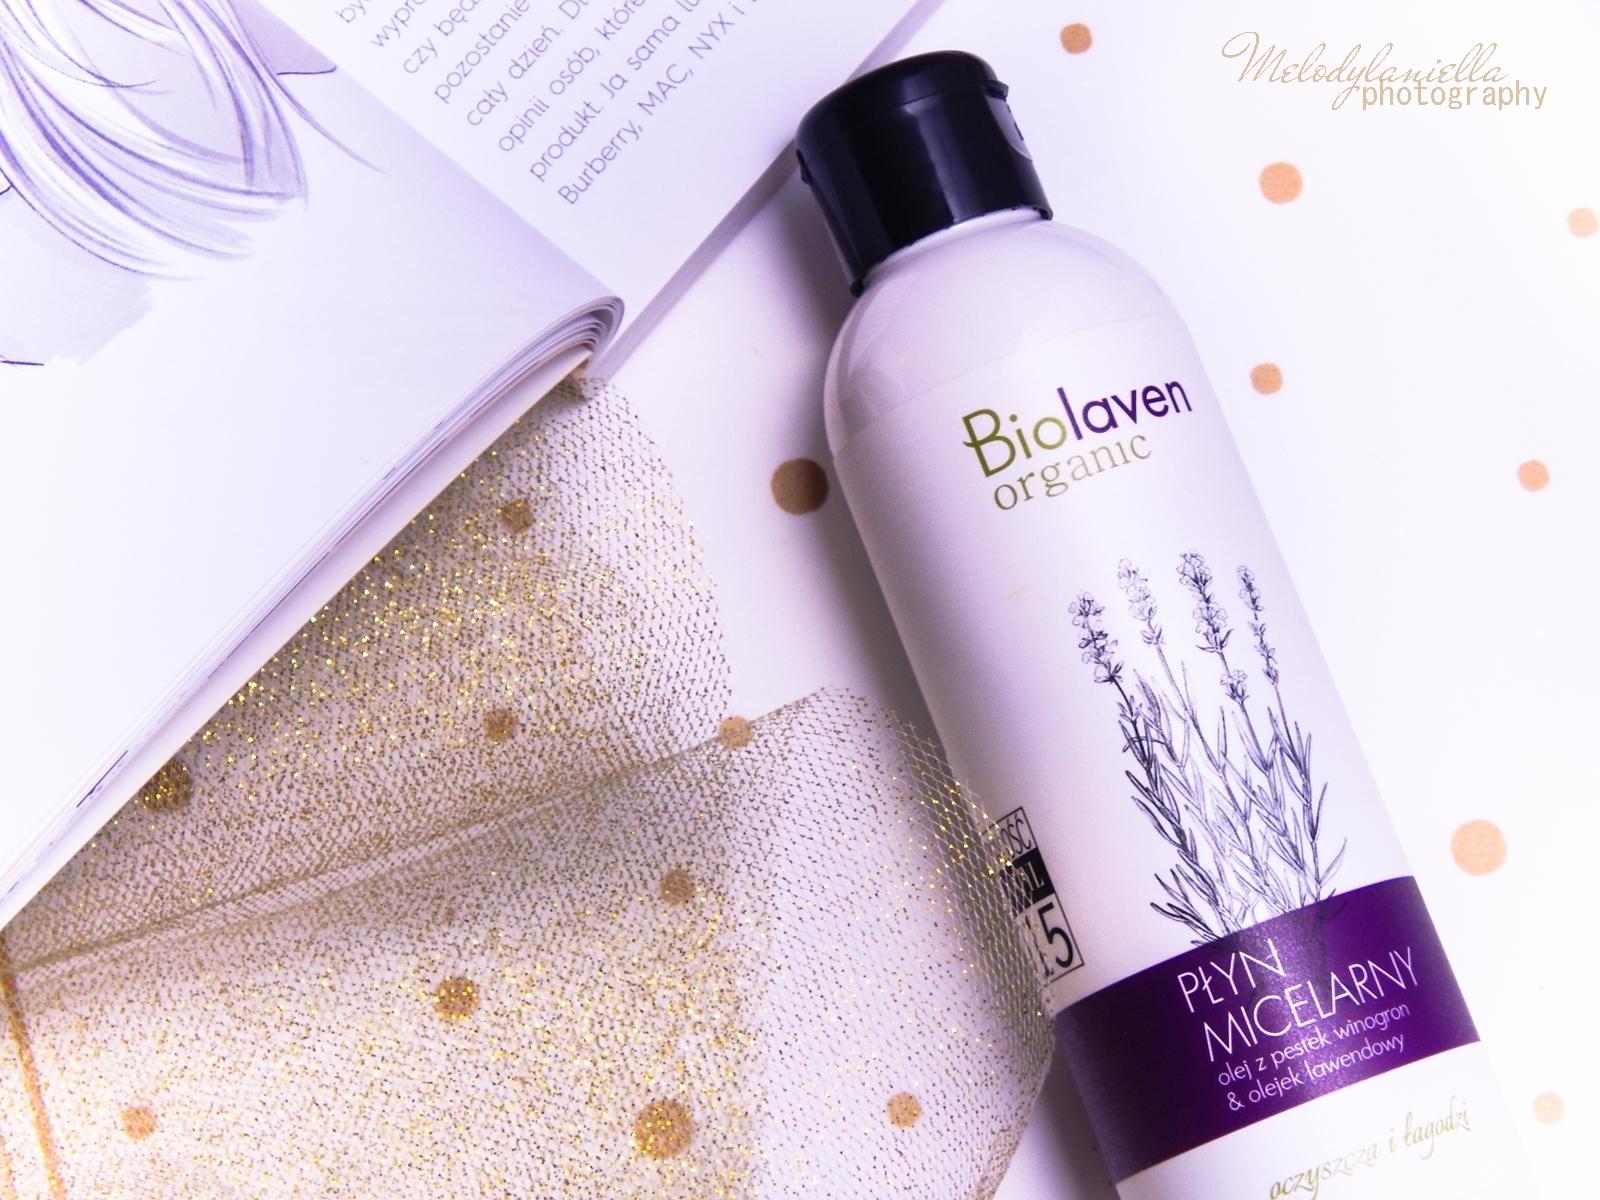 2 biolaven organic płyn micelarny olej z pestek winogron olejek lawendowy kosmetyki do demakijażu test płynu micelarnego melodylaniella twój styl 2015